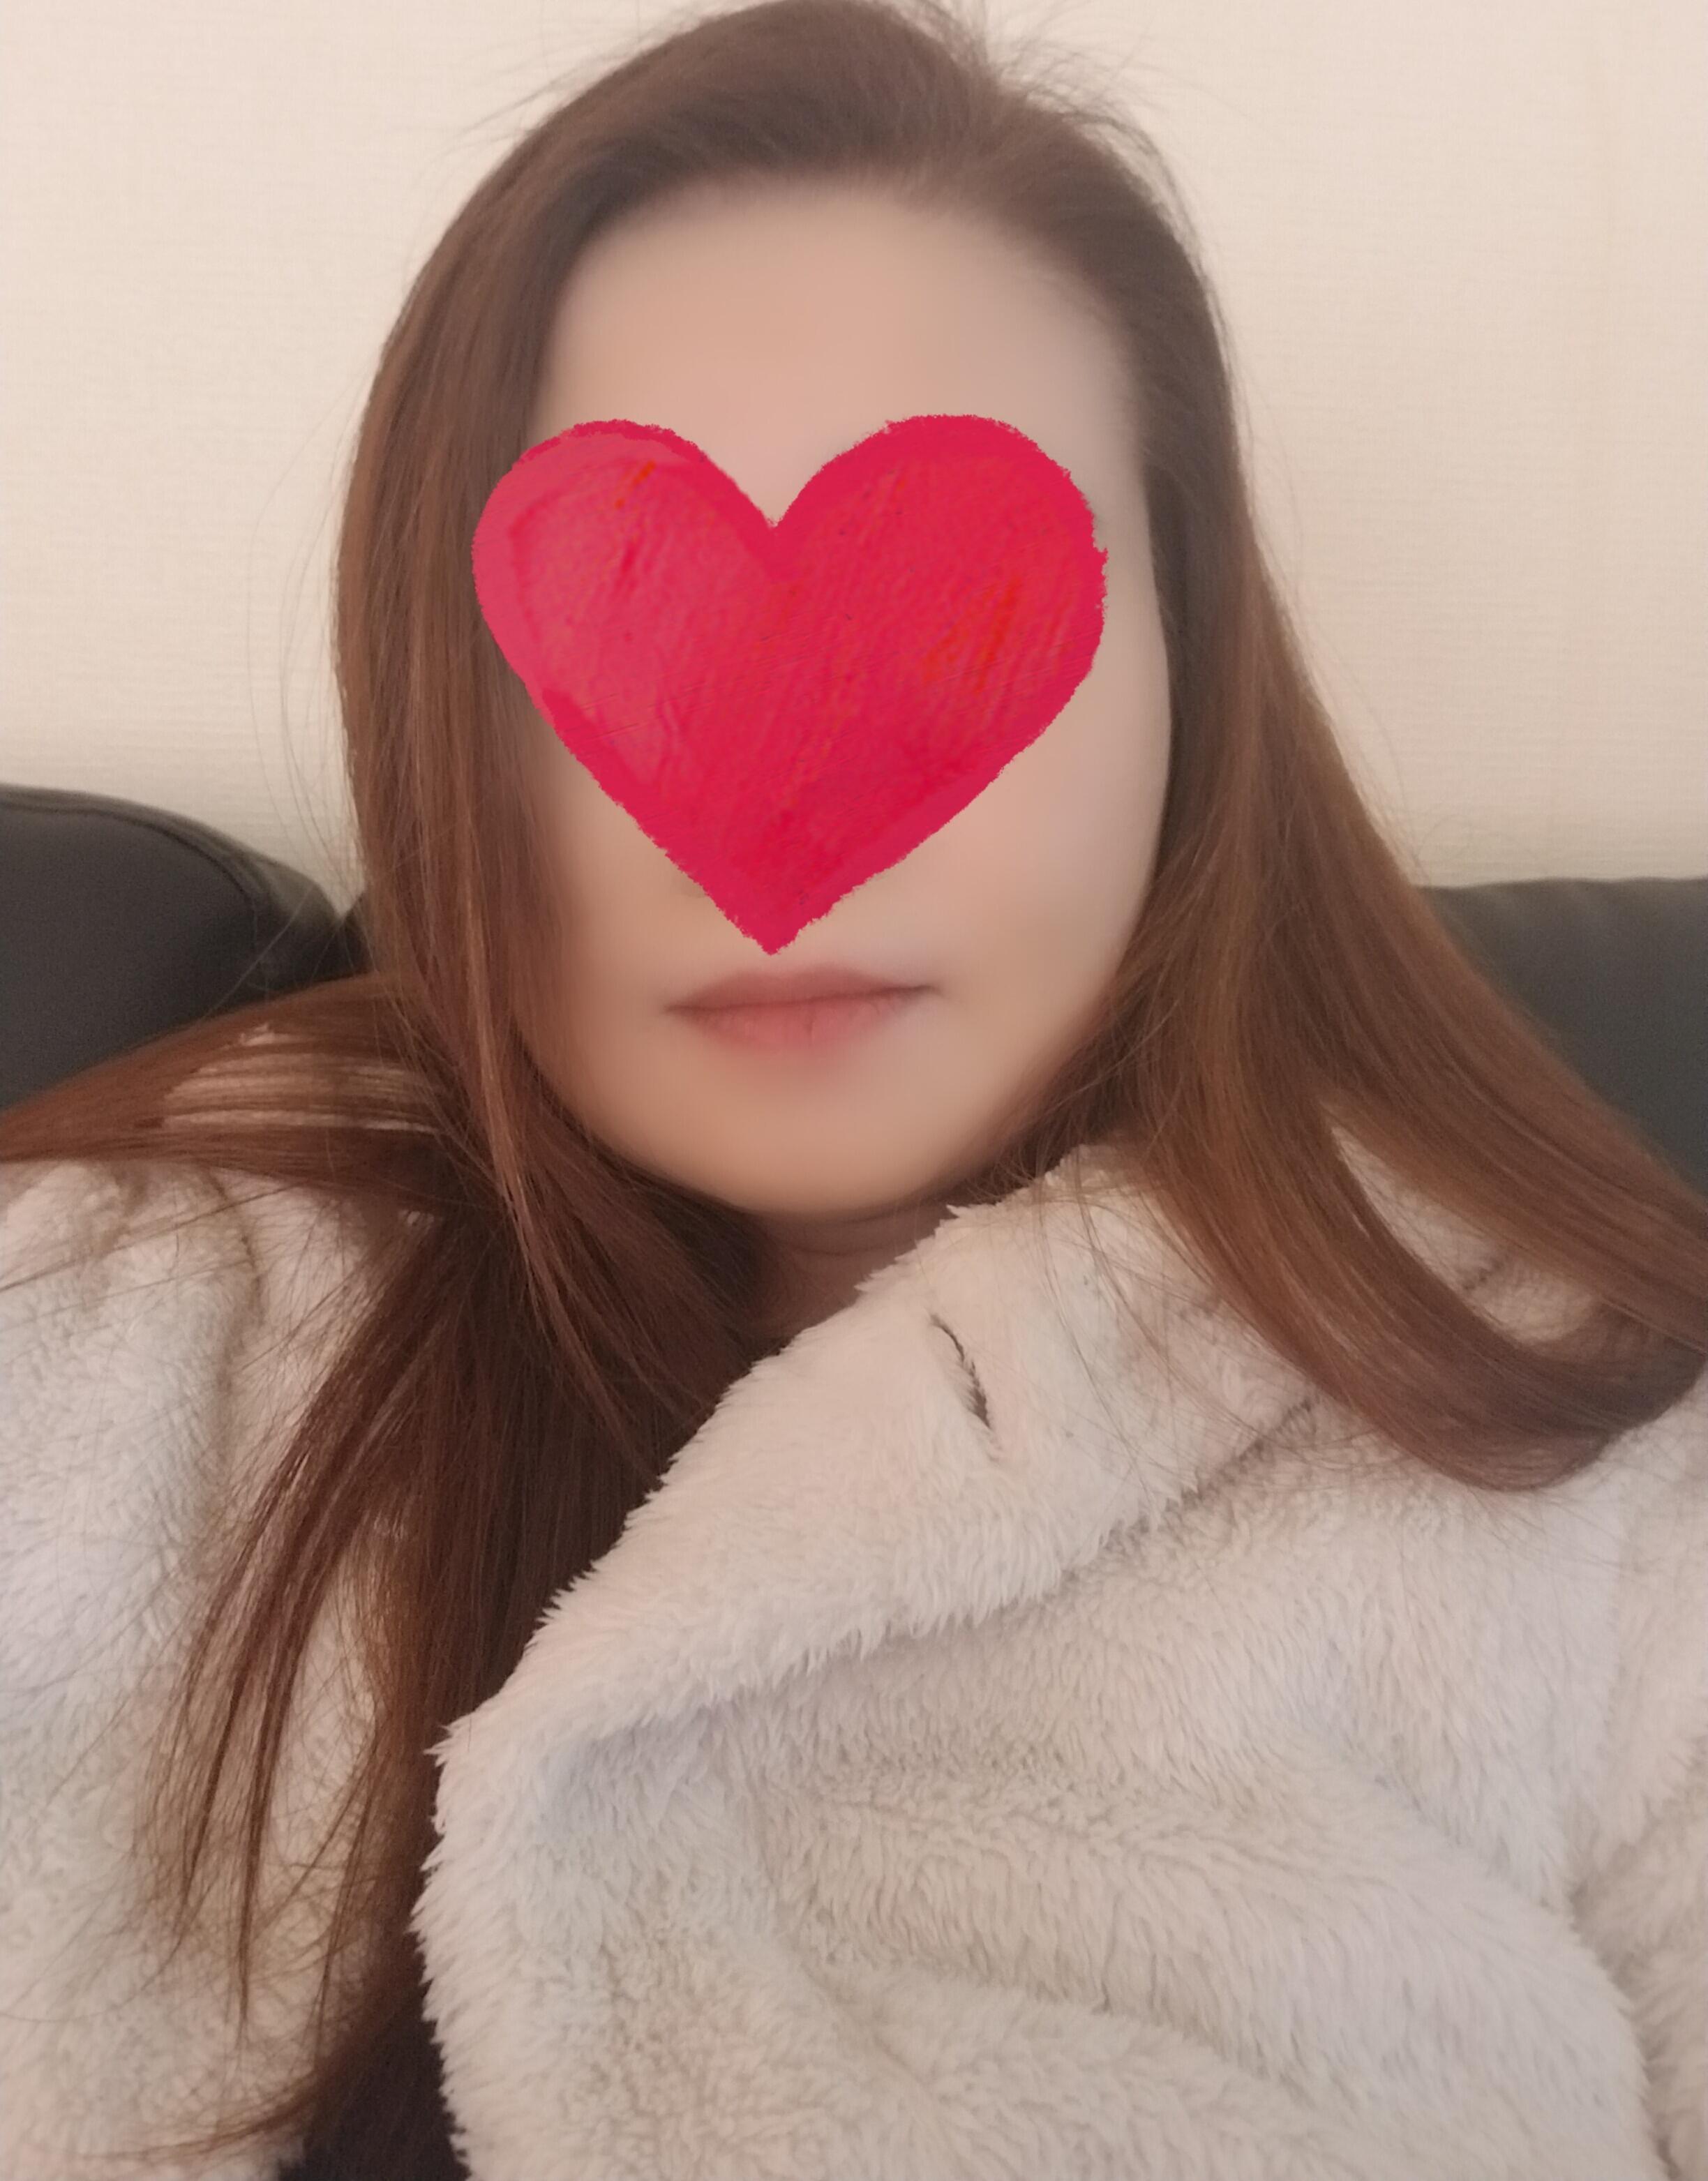 「出勤予定♪」12/16(12/16) 02:09   まなの写メ・風俗動画